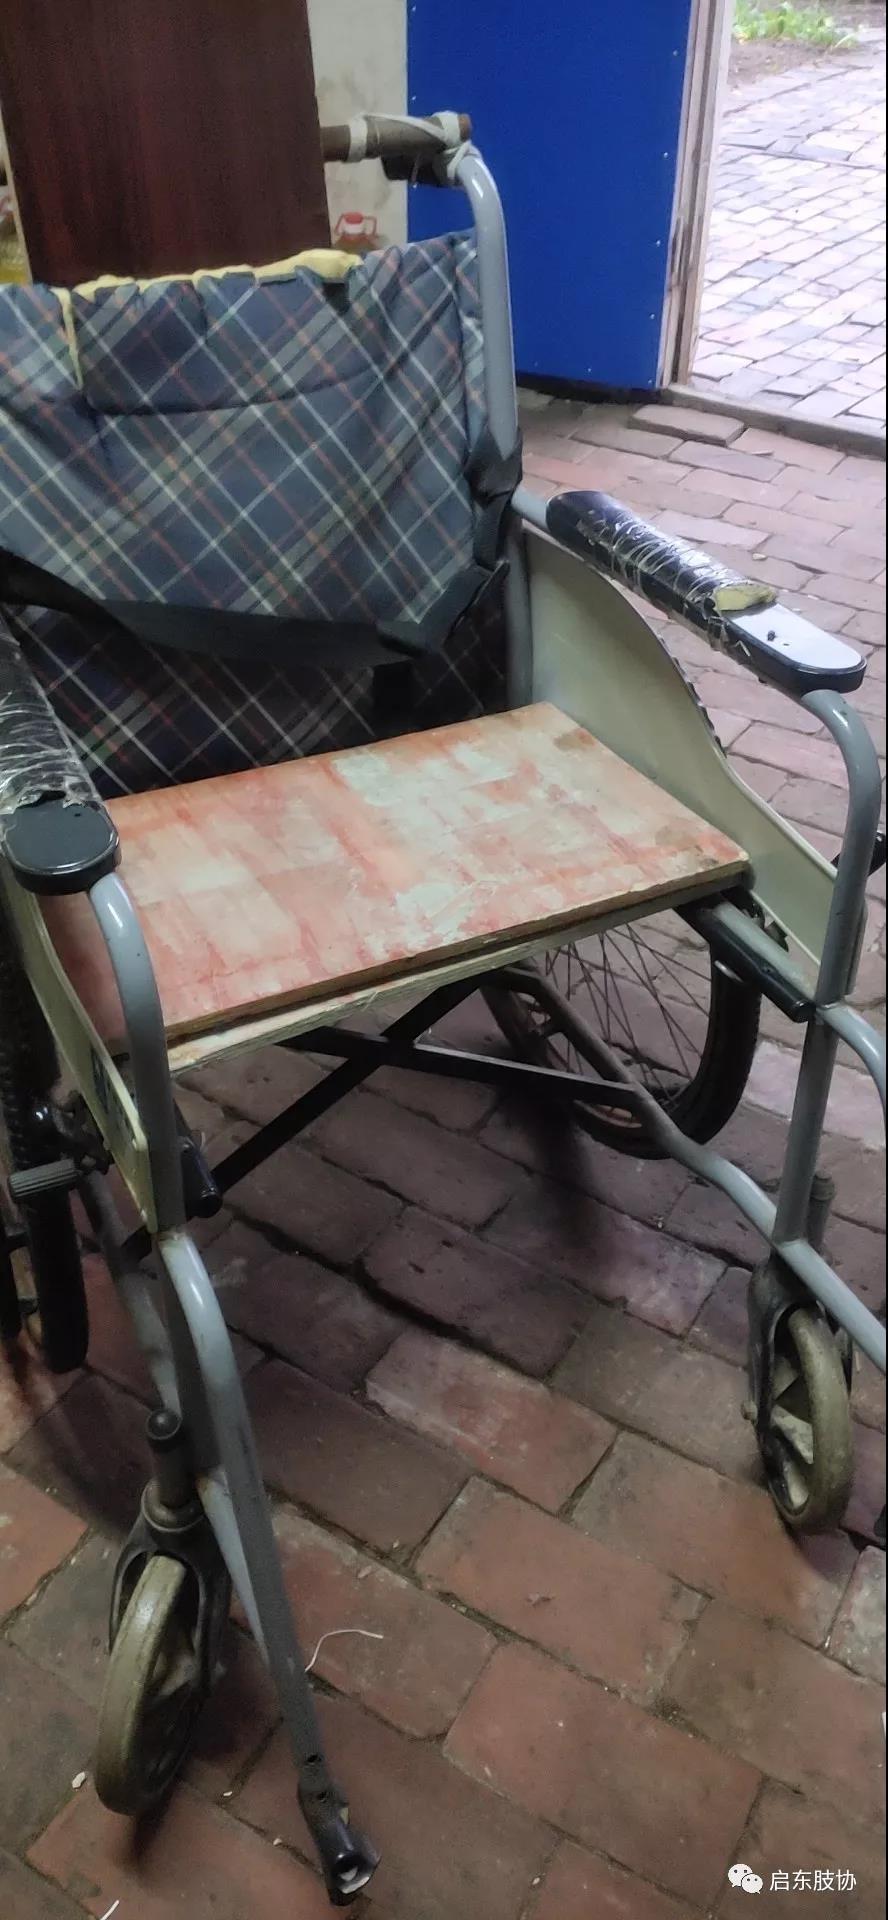 【助梦行】护你安全行走-名流装璜10部爱心轮椅正式交付